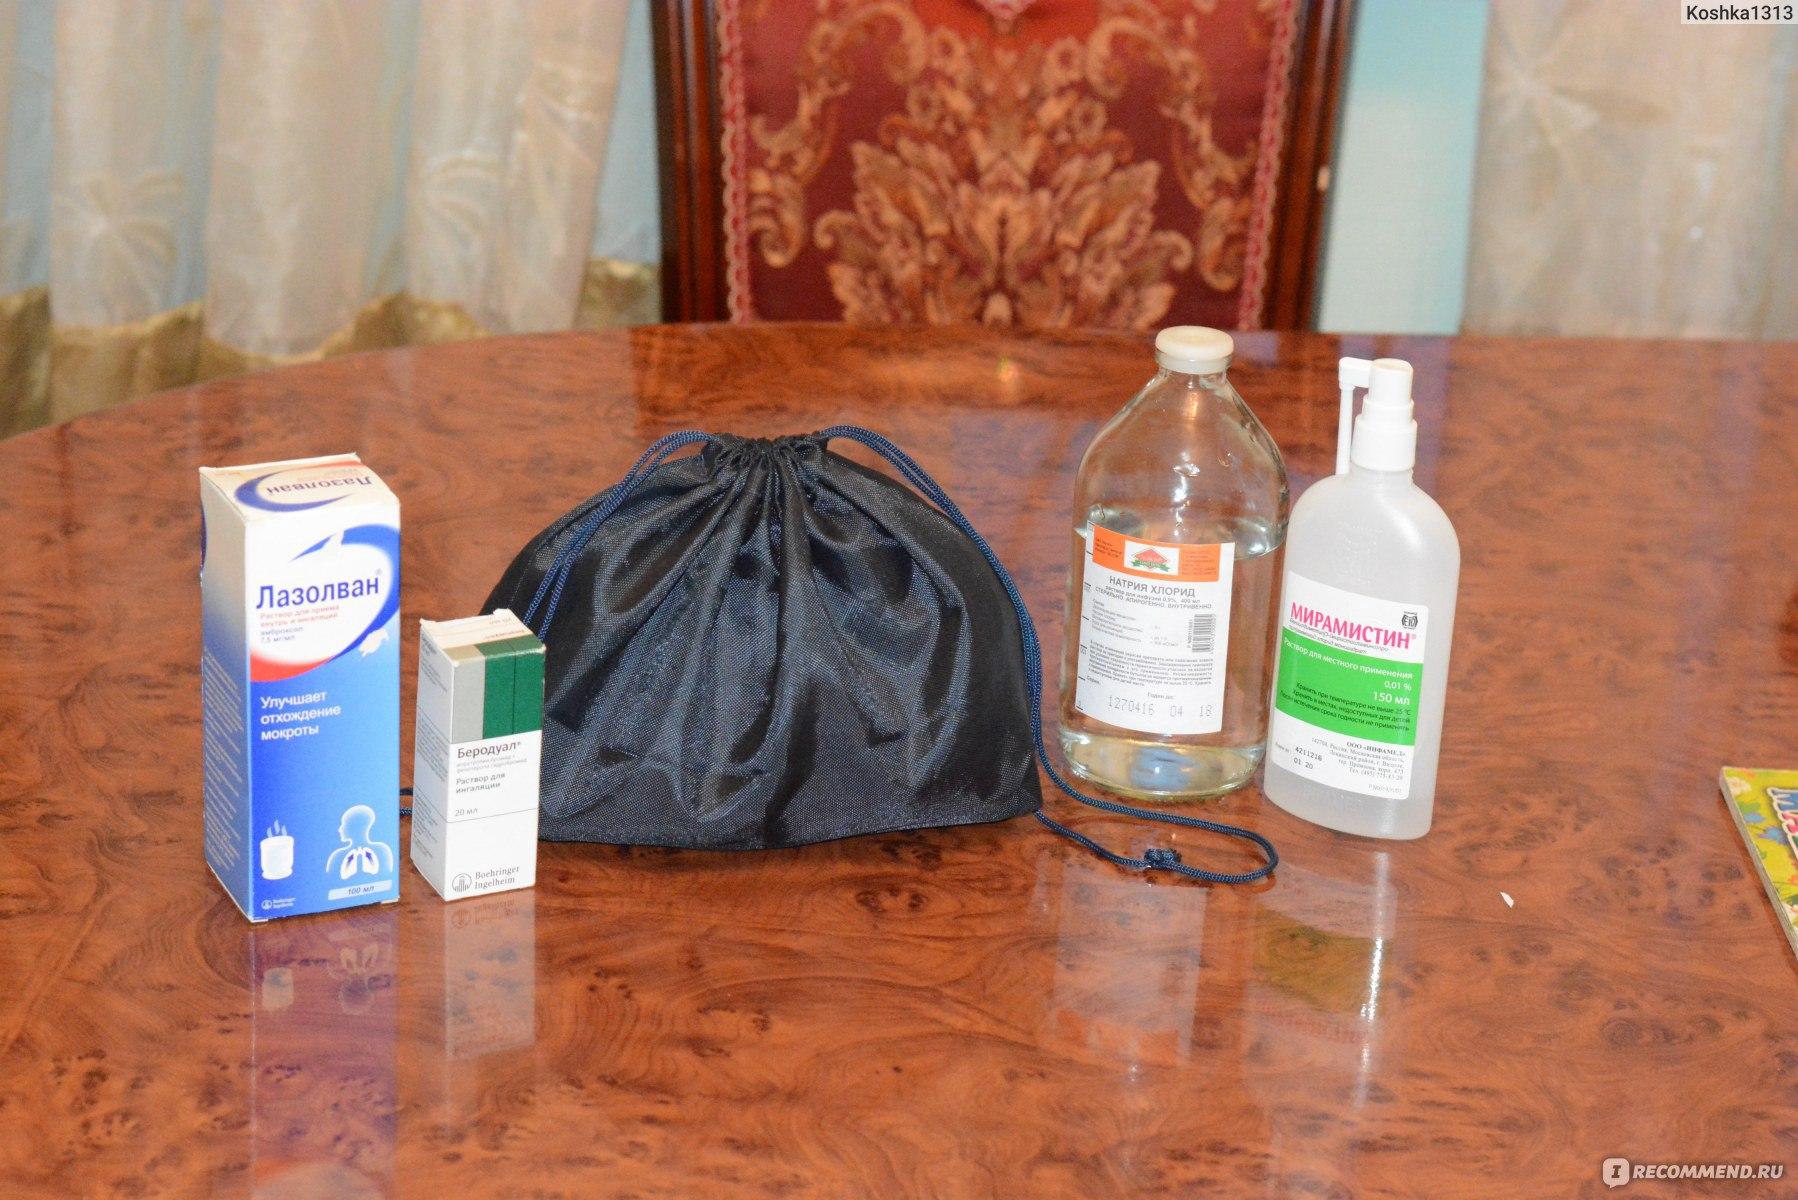 Как сделать ингаляцию лазолваном в домашних условиях